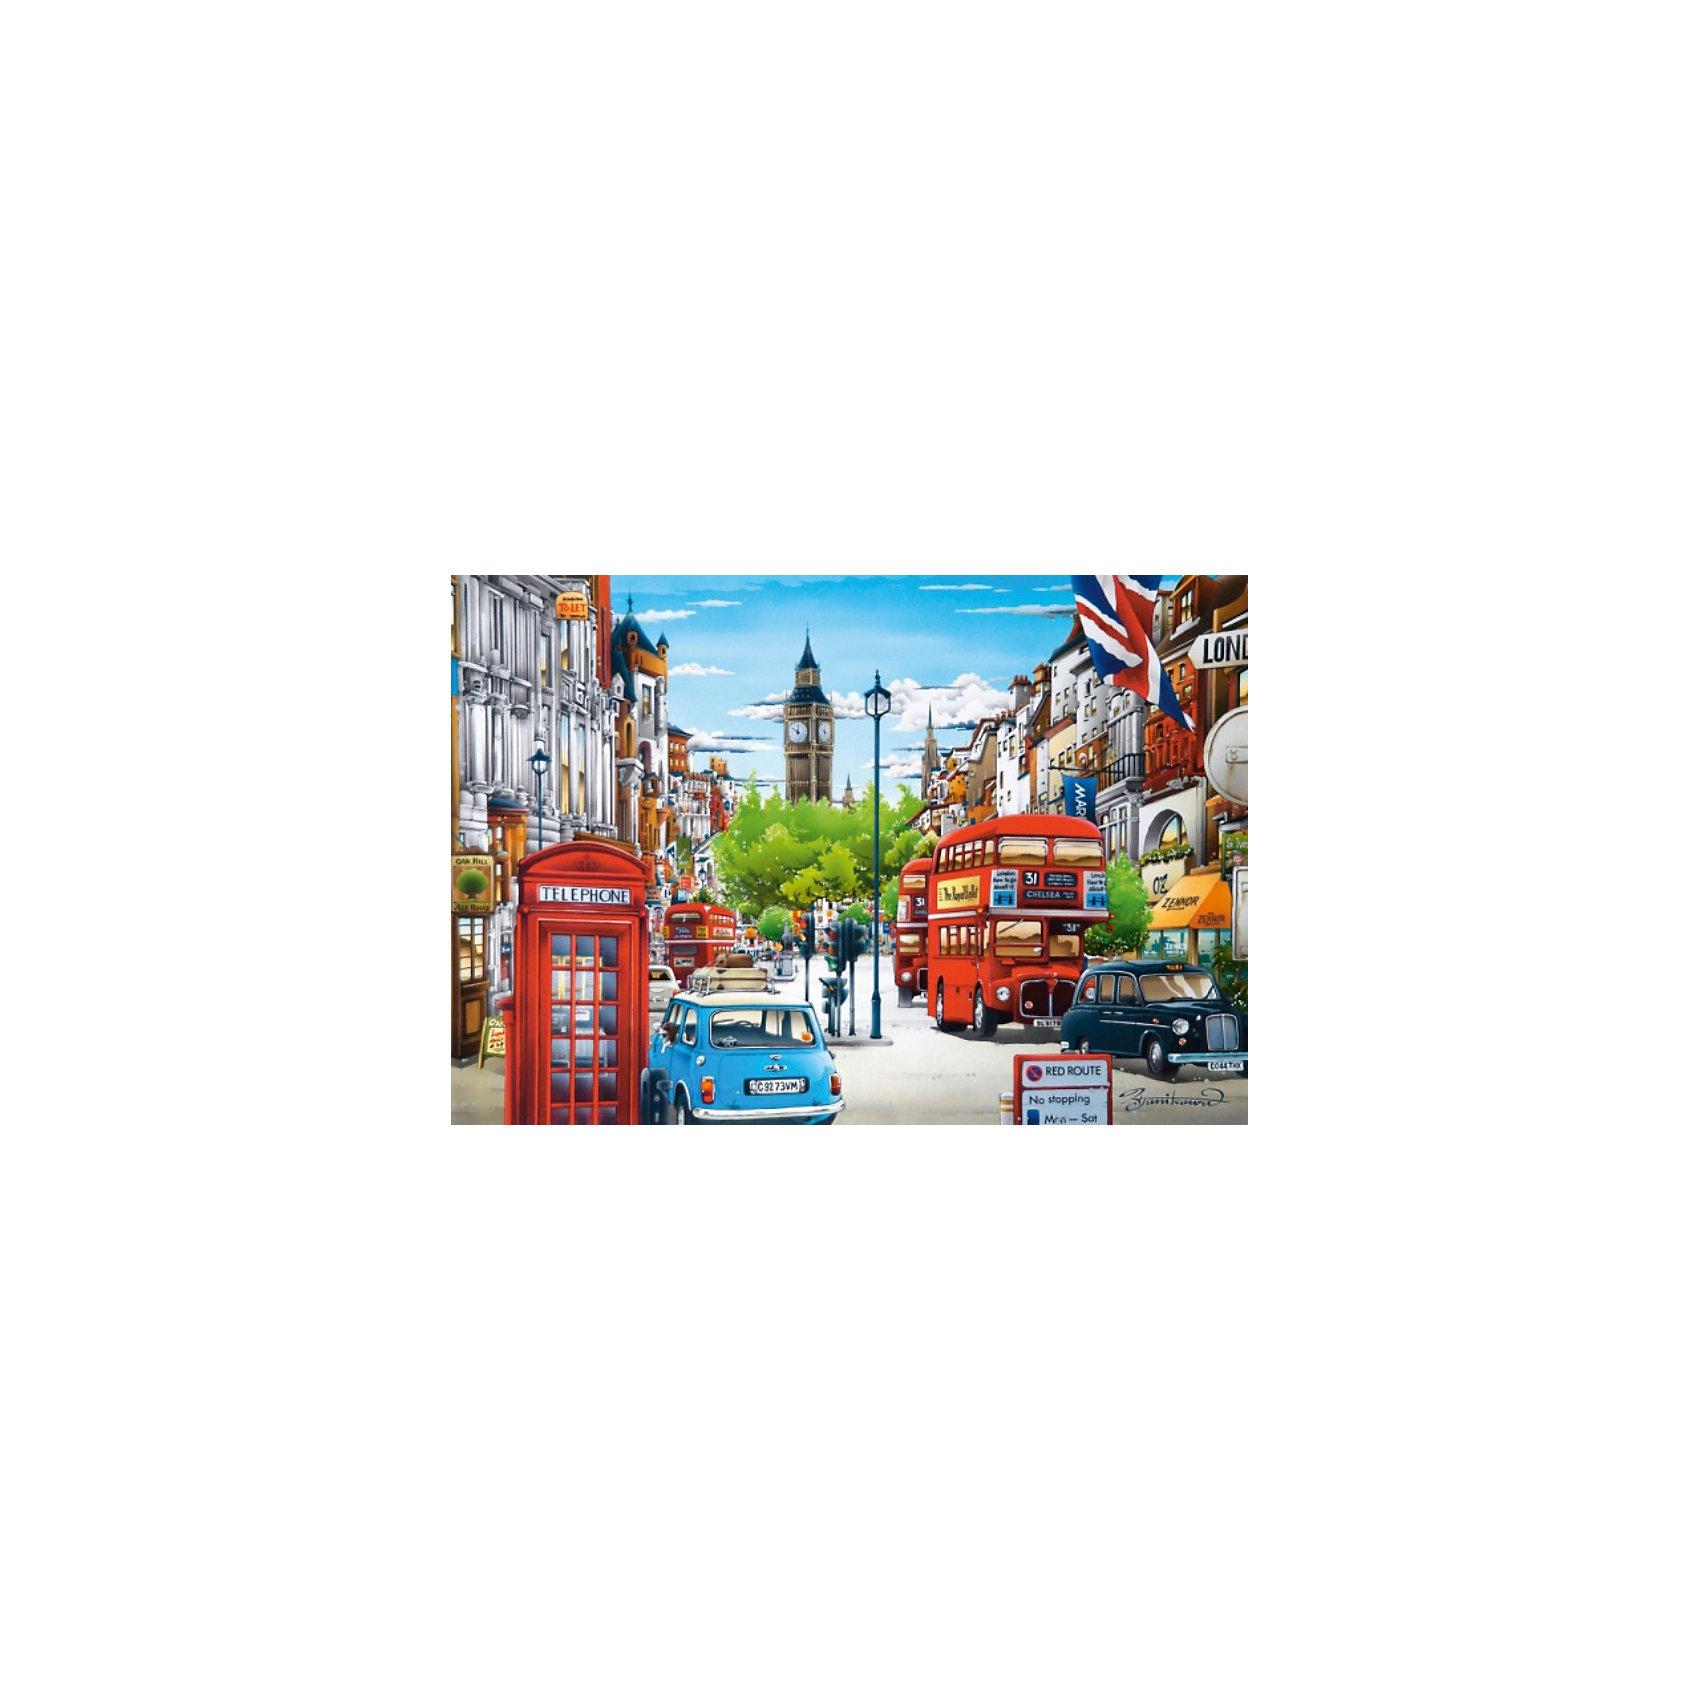 Пазл Лондон, 1500 деталей, CastorlandСборка красочного пазла Лондон Castorland (Касторленд) подарит всей семье не только несколько вечеров совместного творчества, но и принесет пользу для развития ребенка. Подбор деталей друг к другу способствует развитию образного и логического мышления, наблюдательности, мелкой моторики и координации движений руки. Красочный пазл с интересным сюжетом и цветовыми градациями состоит из глянцевых, приятных на ощупь деталей с ровными краями и идеальной проклейкой. Точная нарезка гарантирует легкость стыковки и многократность сборки без потери внешнего вида. Закончив Вы получите изображение красивой улочки Лондона, заполненной автобусами, старинными машинами и домами!<br><br>Дополнительная информация:<br><br>- Количество деталей: 1500;<br>- Детали не будут расслаиваться, что обеспечит долгий срок службы;<br>- Детали идеально подходят друг другу;<br>- Яркий сюжет;<br>- Материал: картон;<br>- Размер собранной картинки: 68 х 47 см;<br>- Вес: 516 г<br><br>Пазл Лондон, 1500 деталей, Castorland (Касторленд) можно купить в нашем интернет-магазине.<br><br>Ширина мм: 350<br>Глубина мм: 250<br>Высота мм: 50<br>Вес г: 500<br>Возраст от месяцев: 168<br>Возраст до месяцев: 1188<br>Пол: Унисекс<br>Возраст: Детский<br>Количество деталей: 1500<br>SKU: 3717127